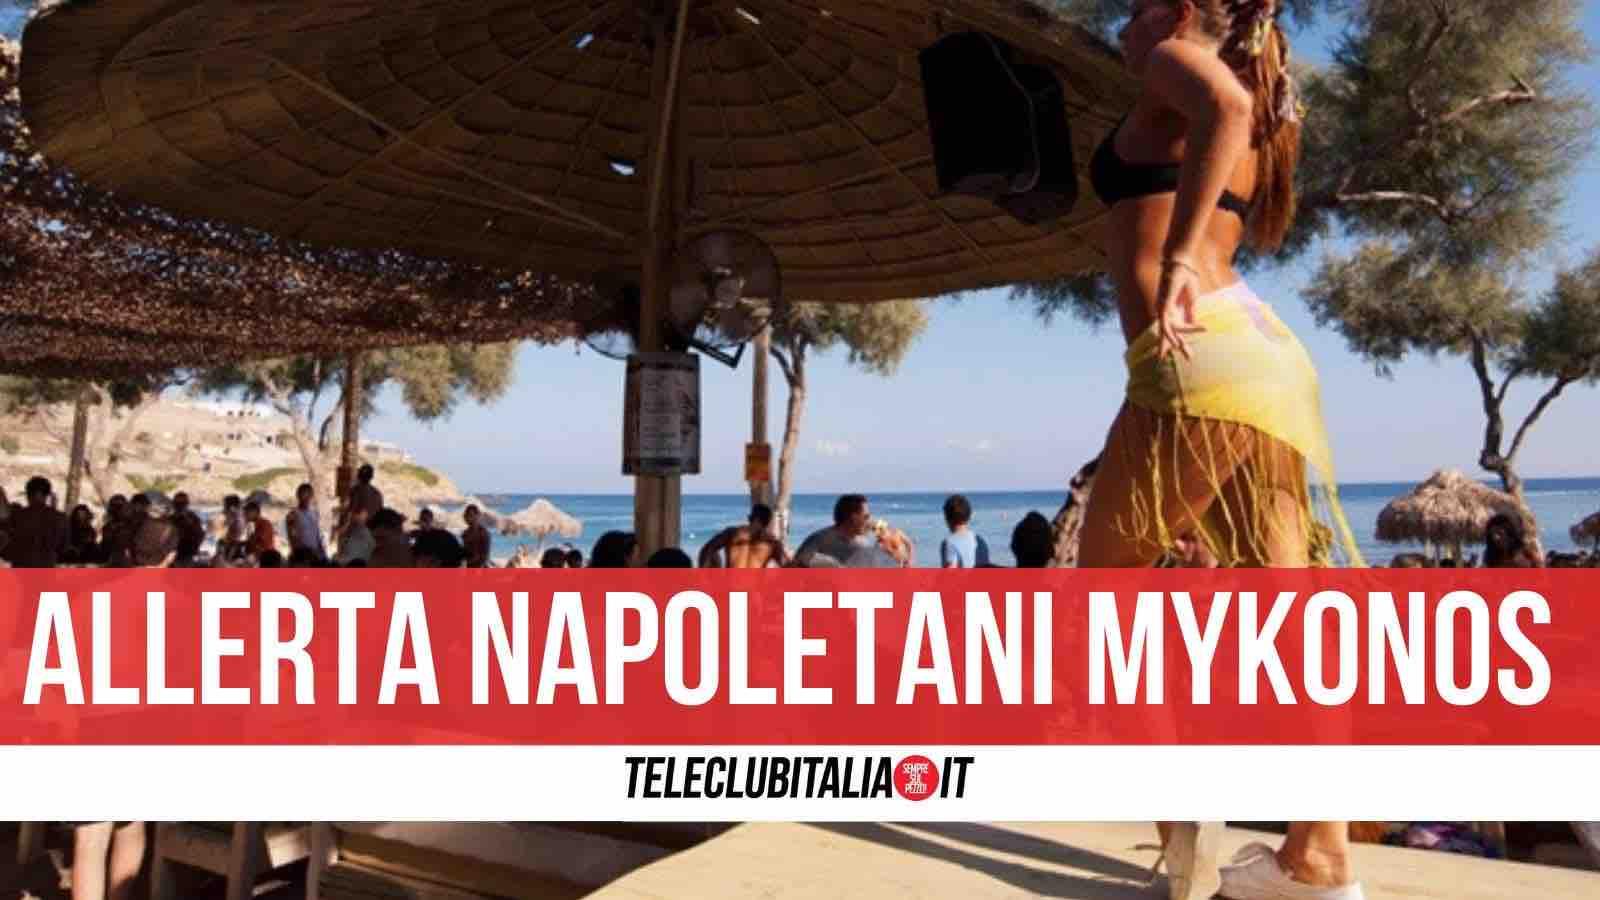 contagi mykonos napoletani